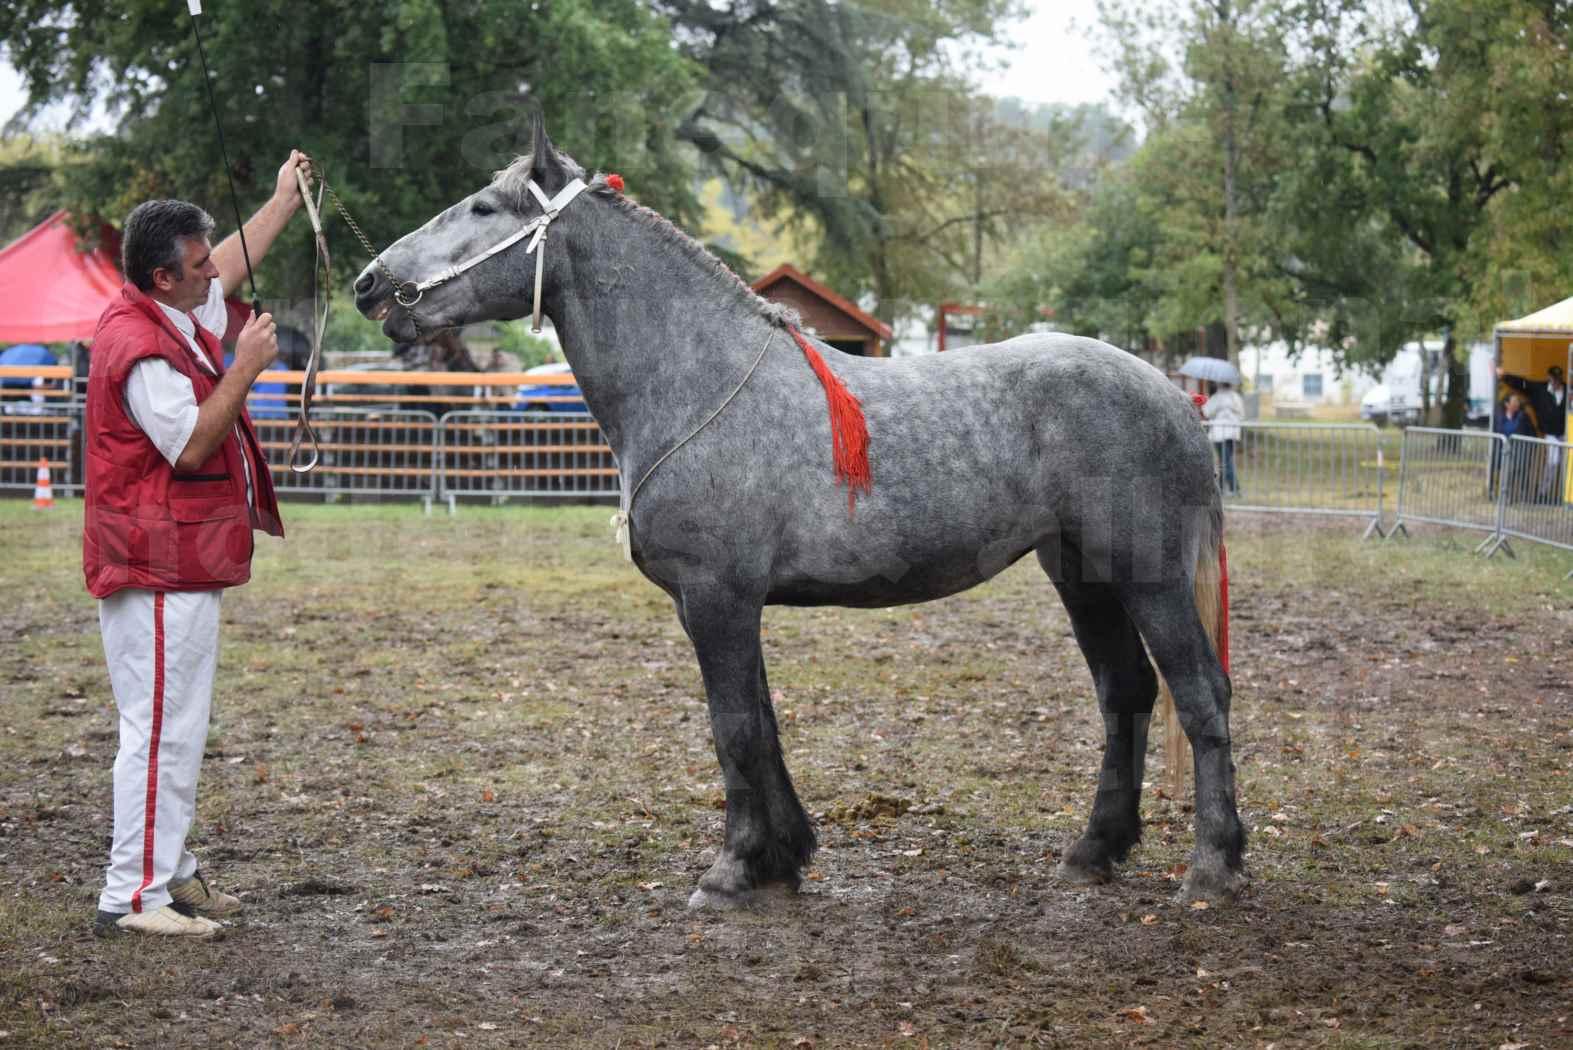 Concours Régional de chevaux de traits en 2017 - Pouliche Trait PERCHERON - FANY DES COUSTAUSSES - 3